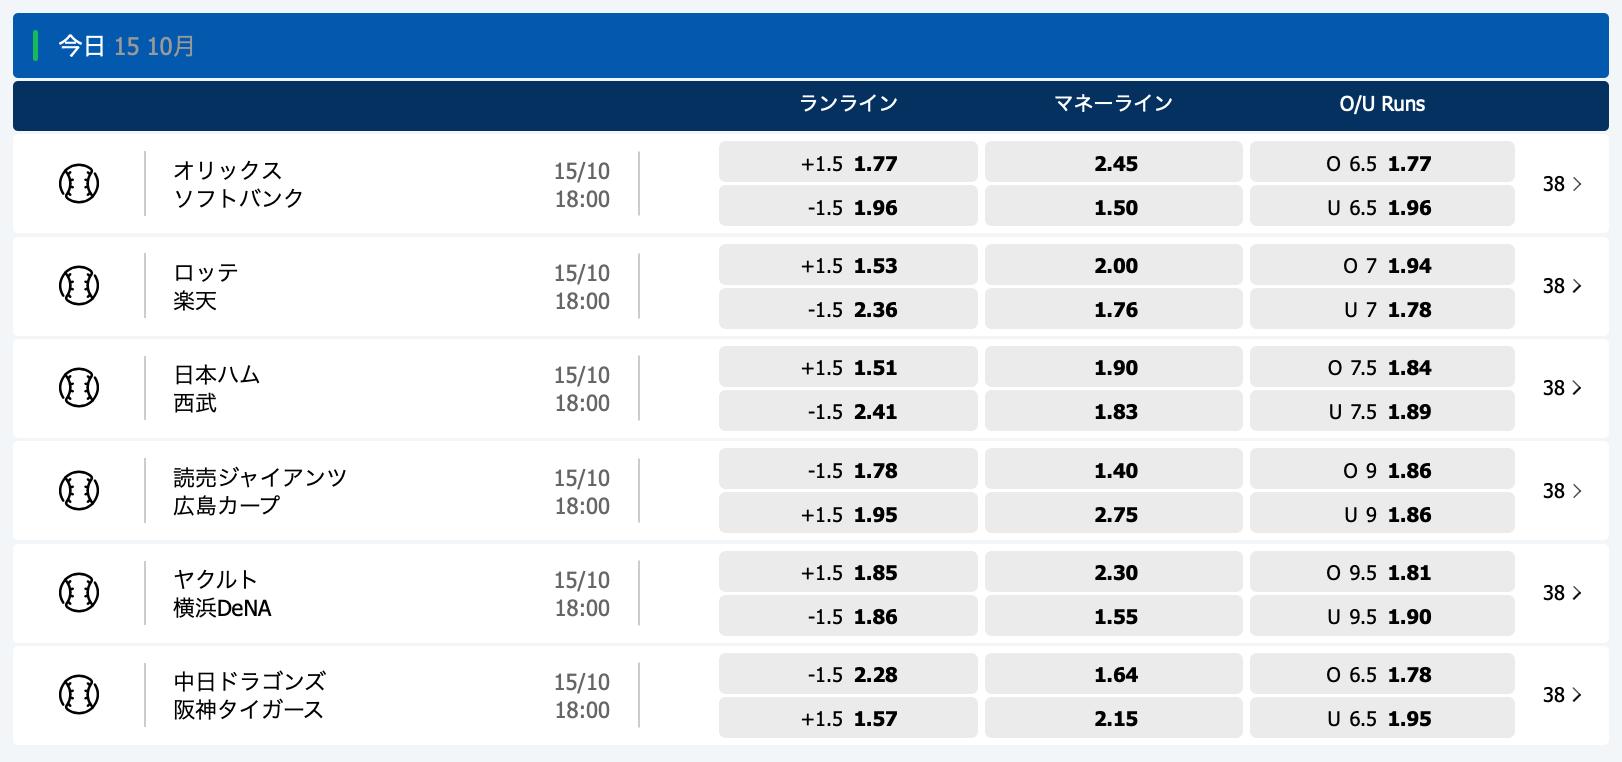 2020.10.15 プロ野球オッズ・10bet Japan